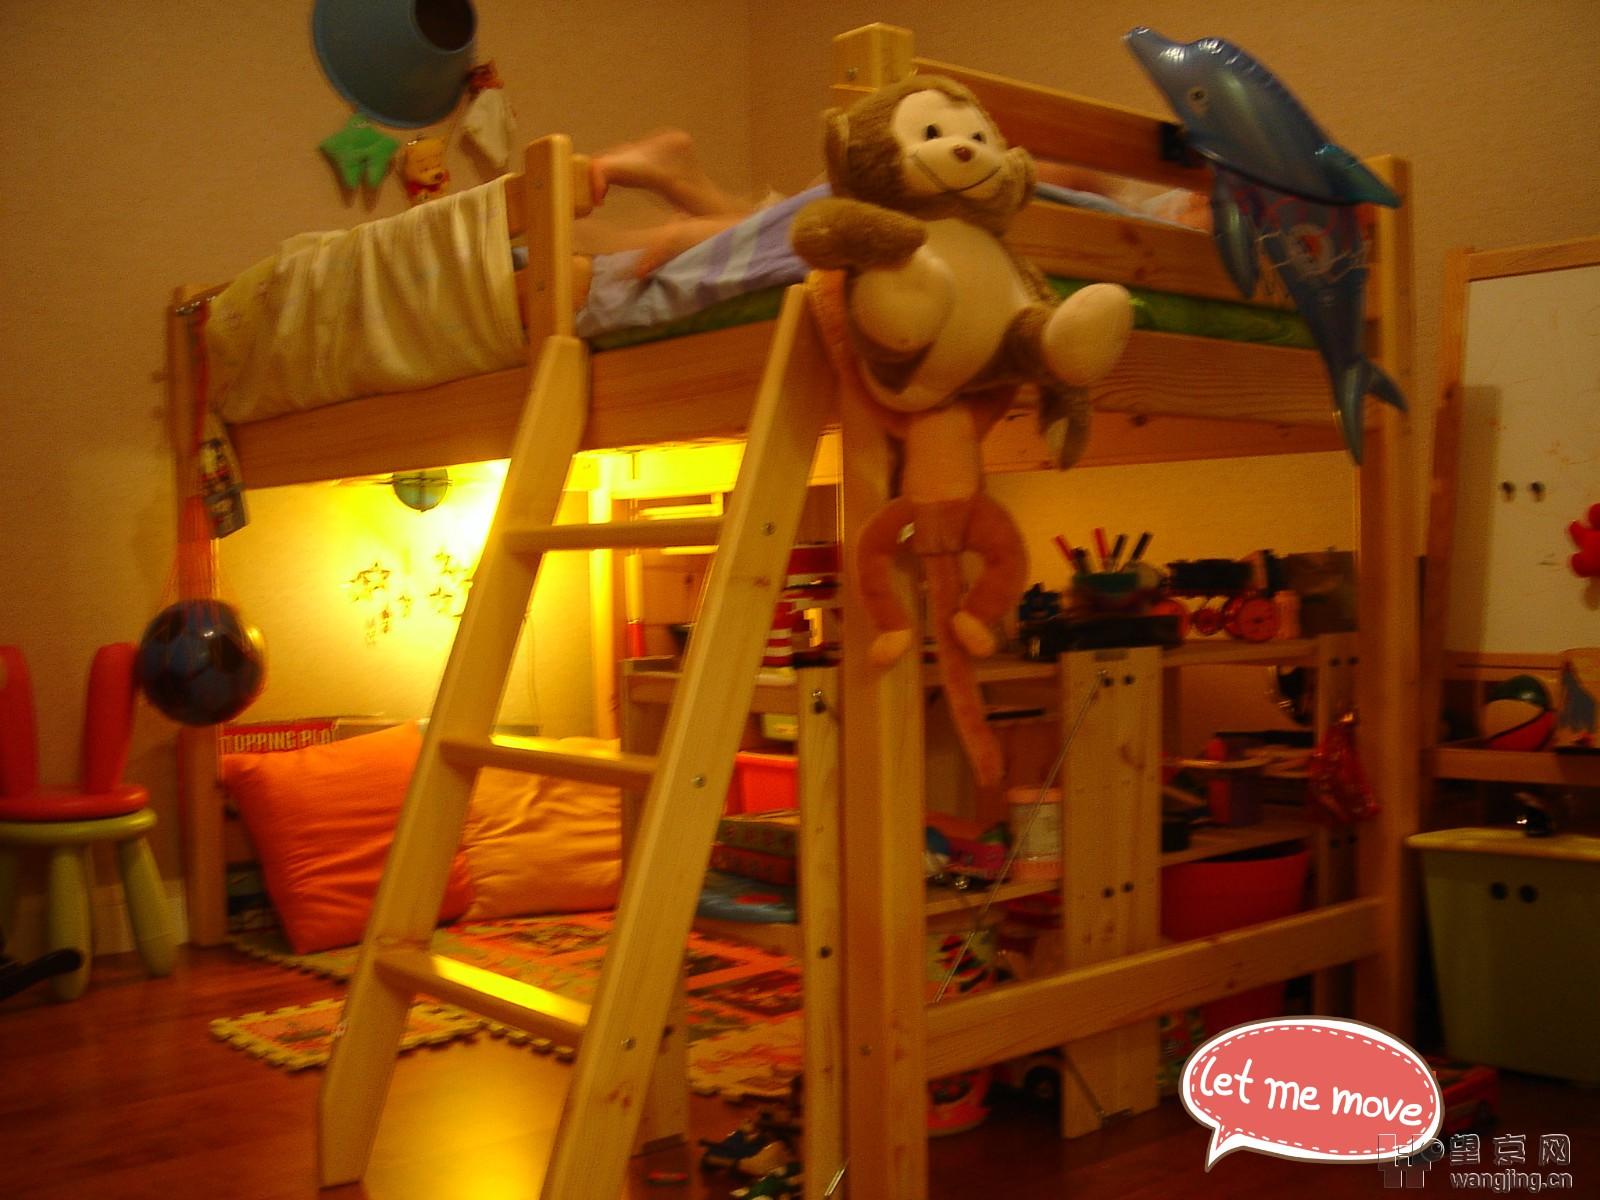 宜家梳妆台,儿童床 - 二手市场 望京跳蚤市场 - 望京